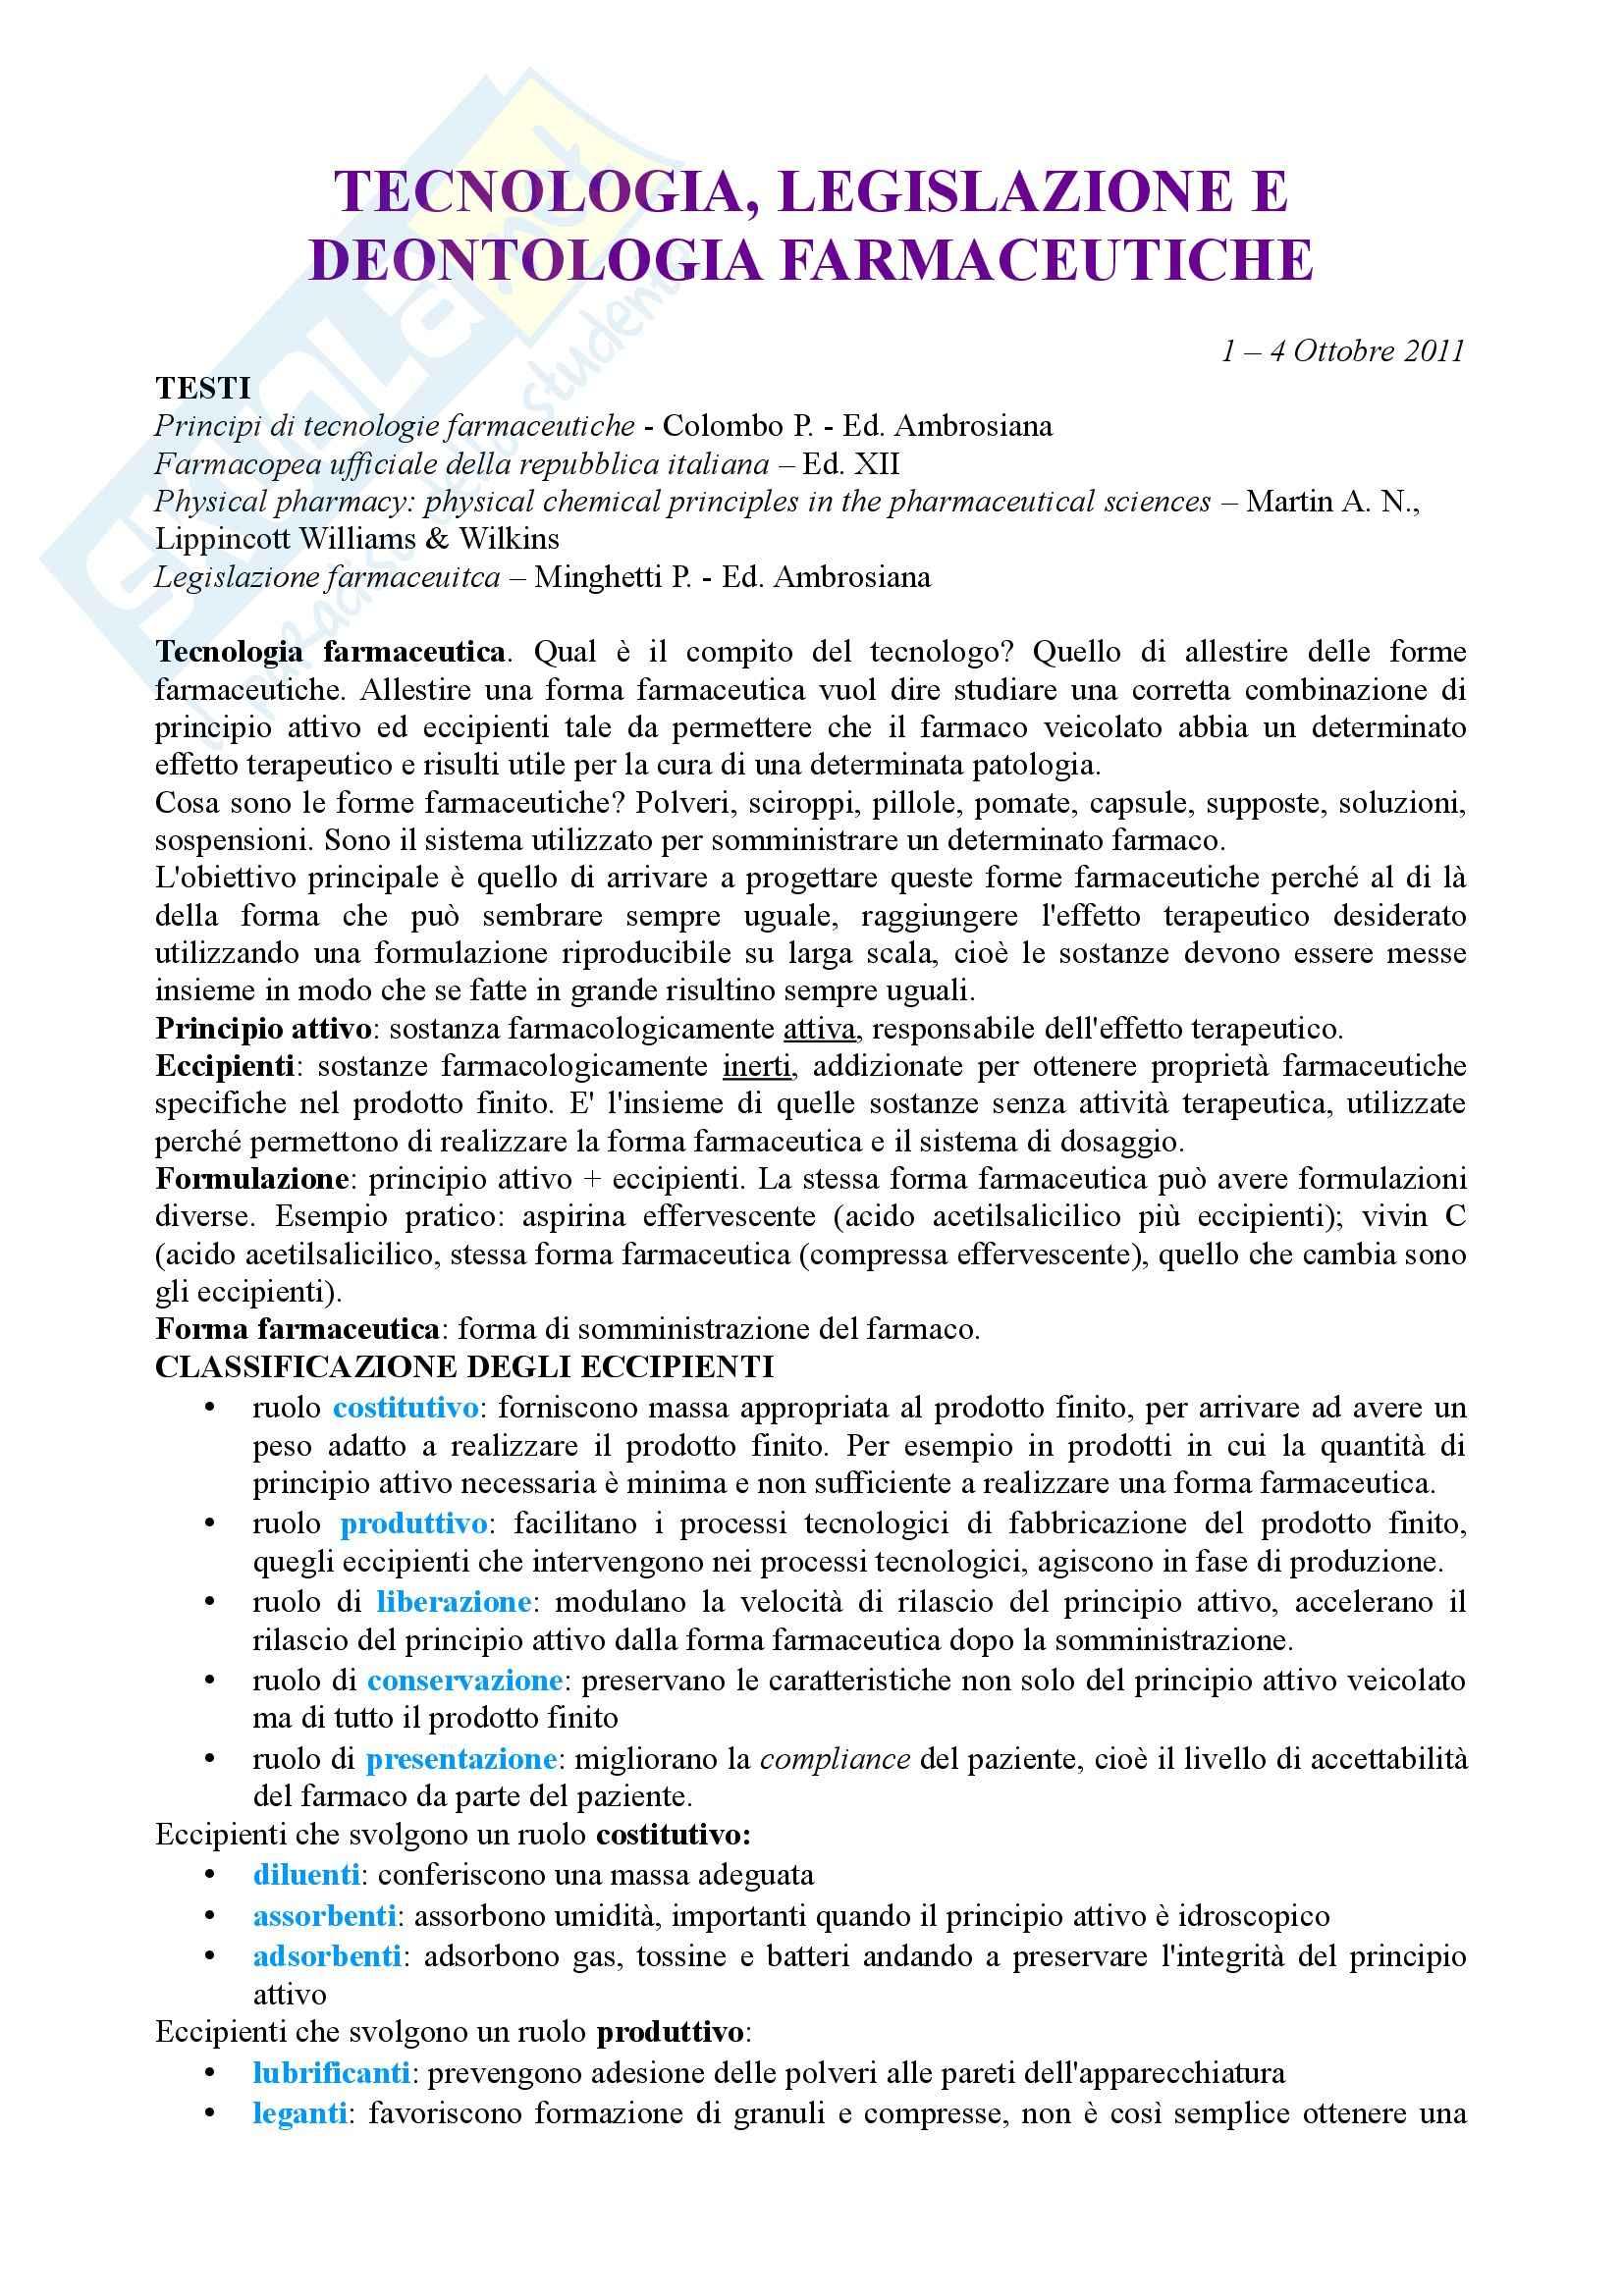 Tecnica farmaceutica - Appunti